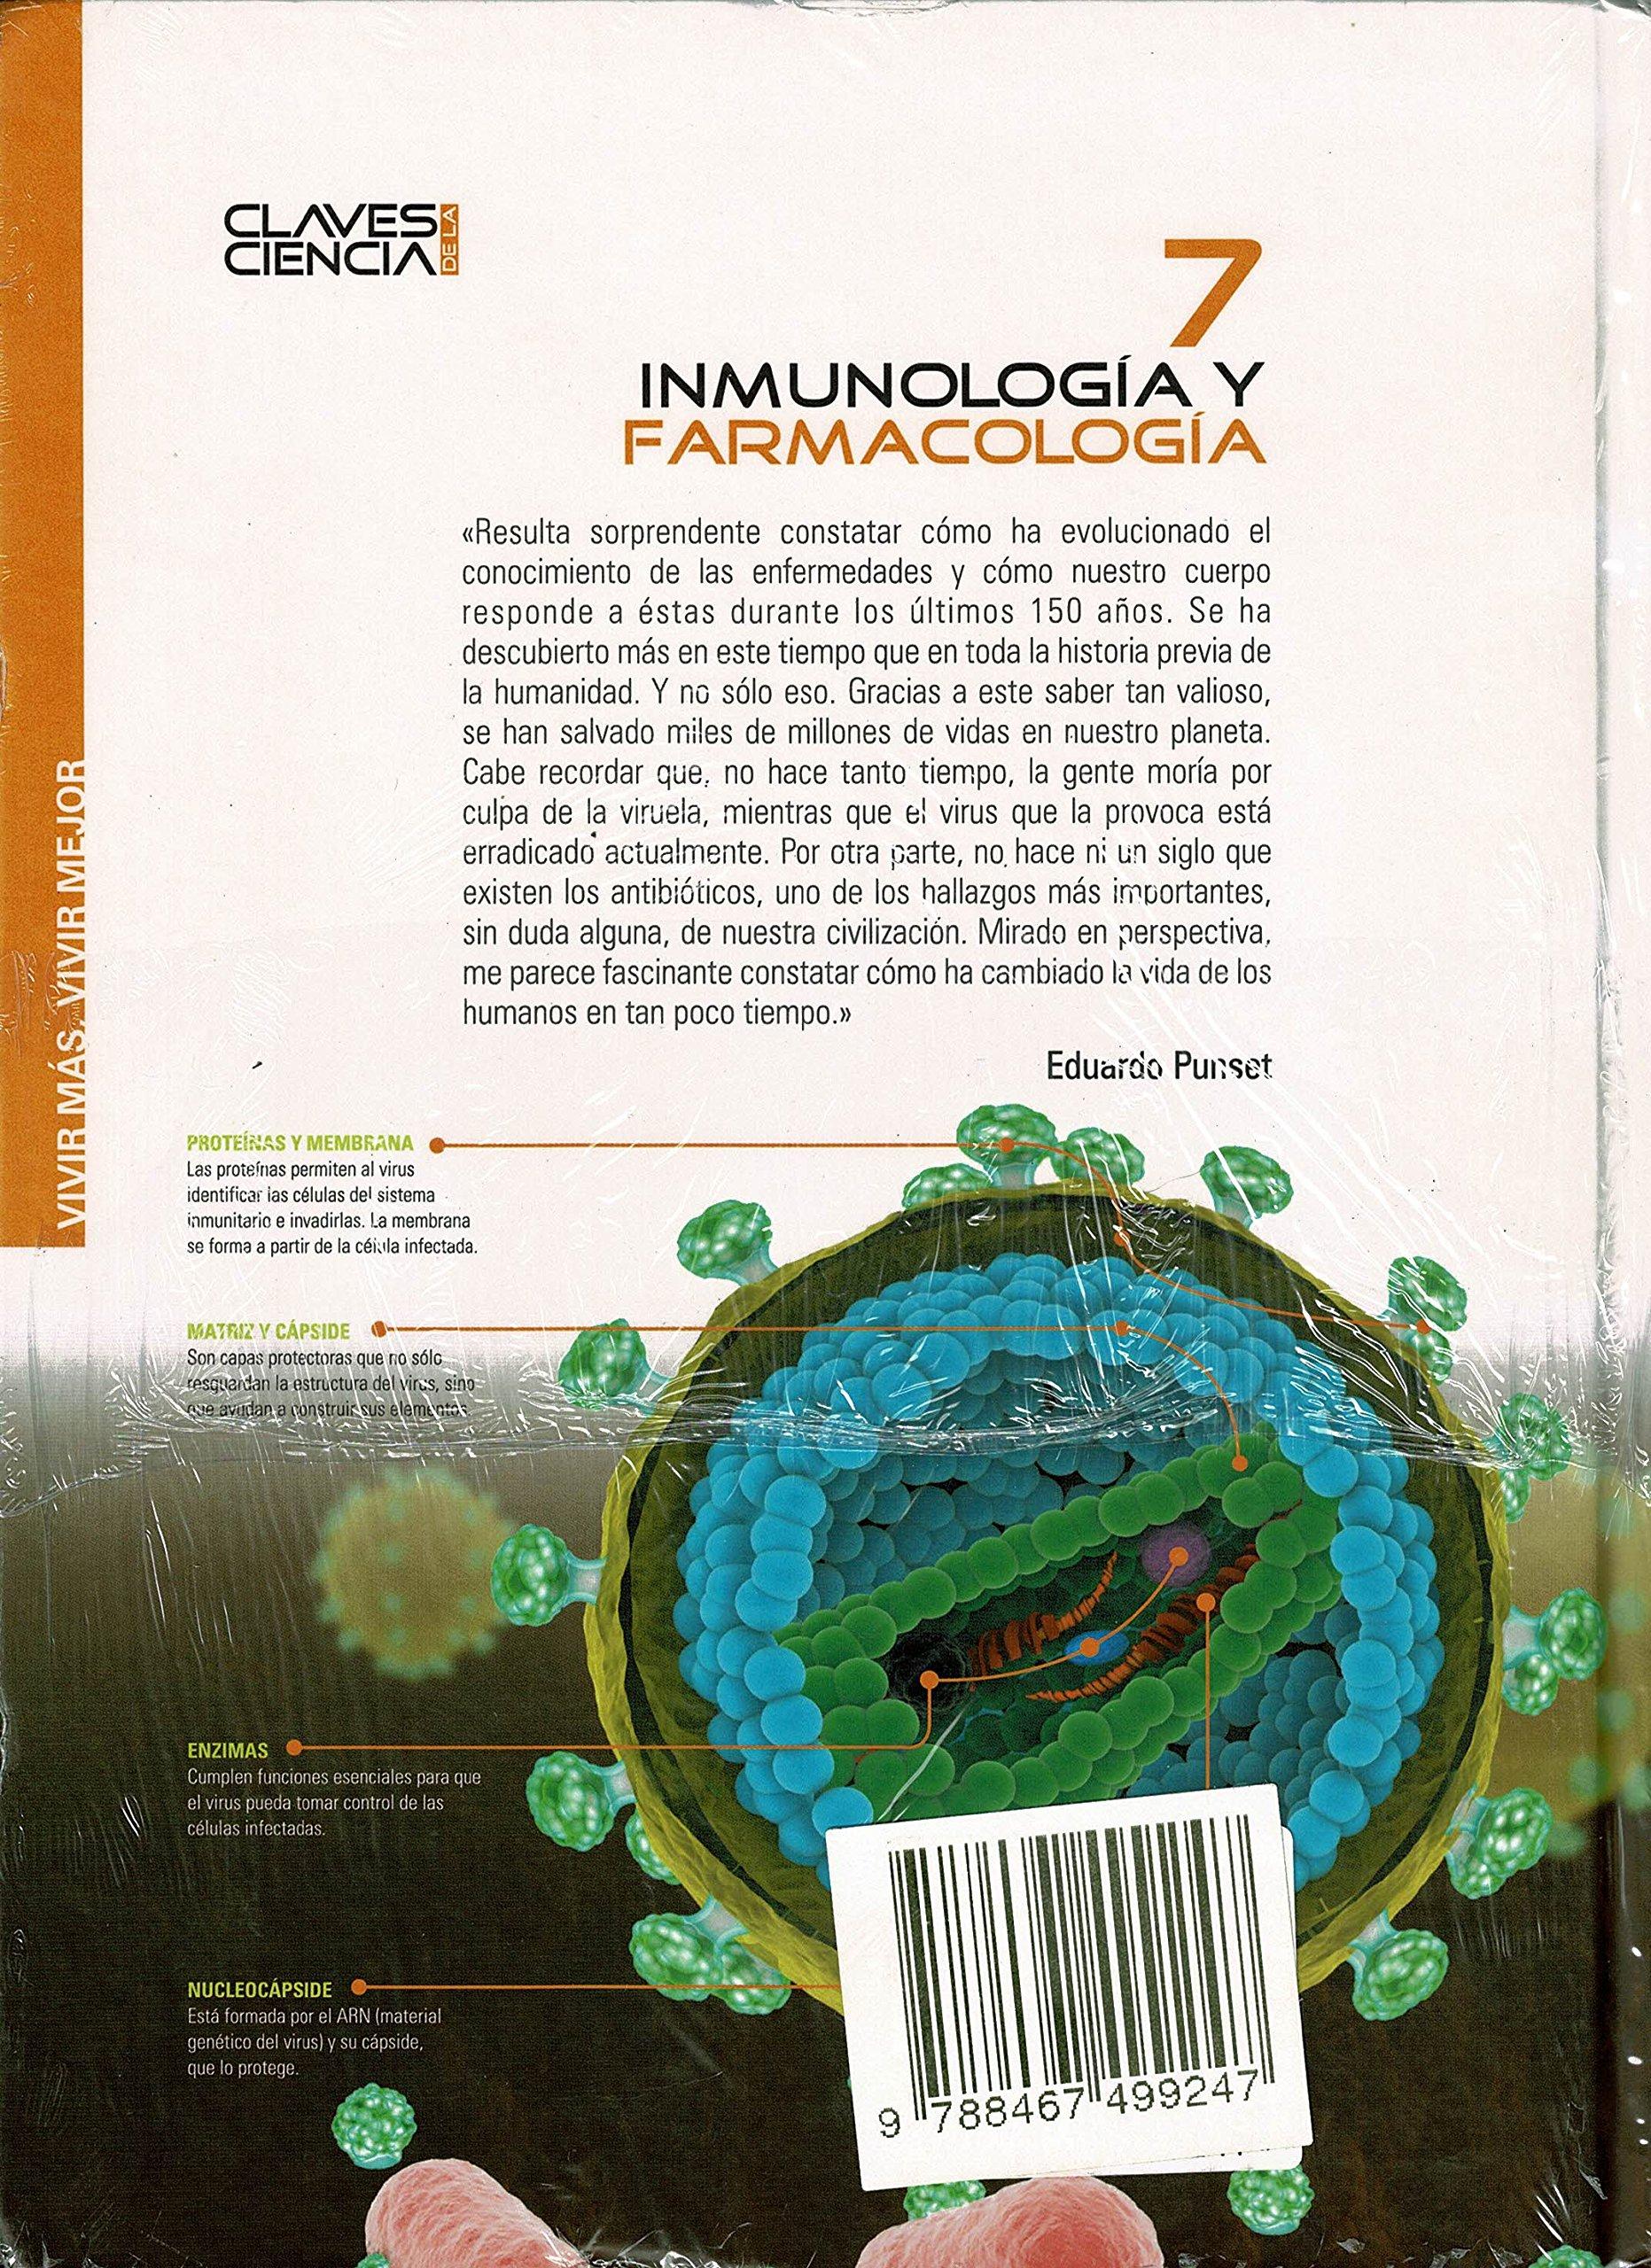 Inmunología Y Farmacología: Amazon.es: Eduardo Punset: Libros